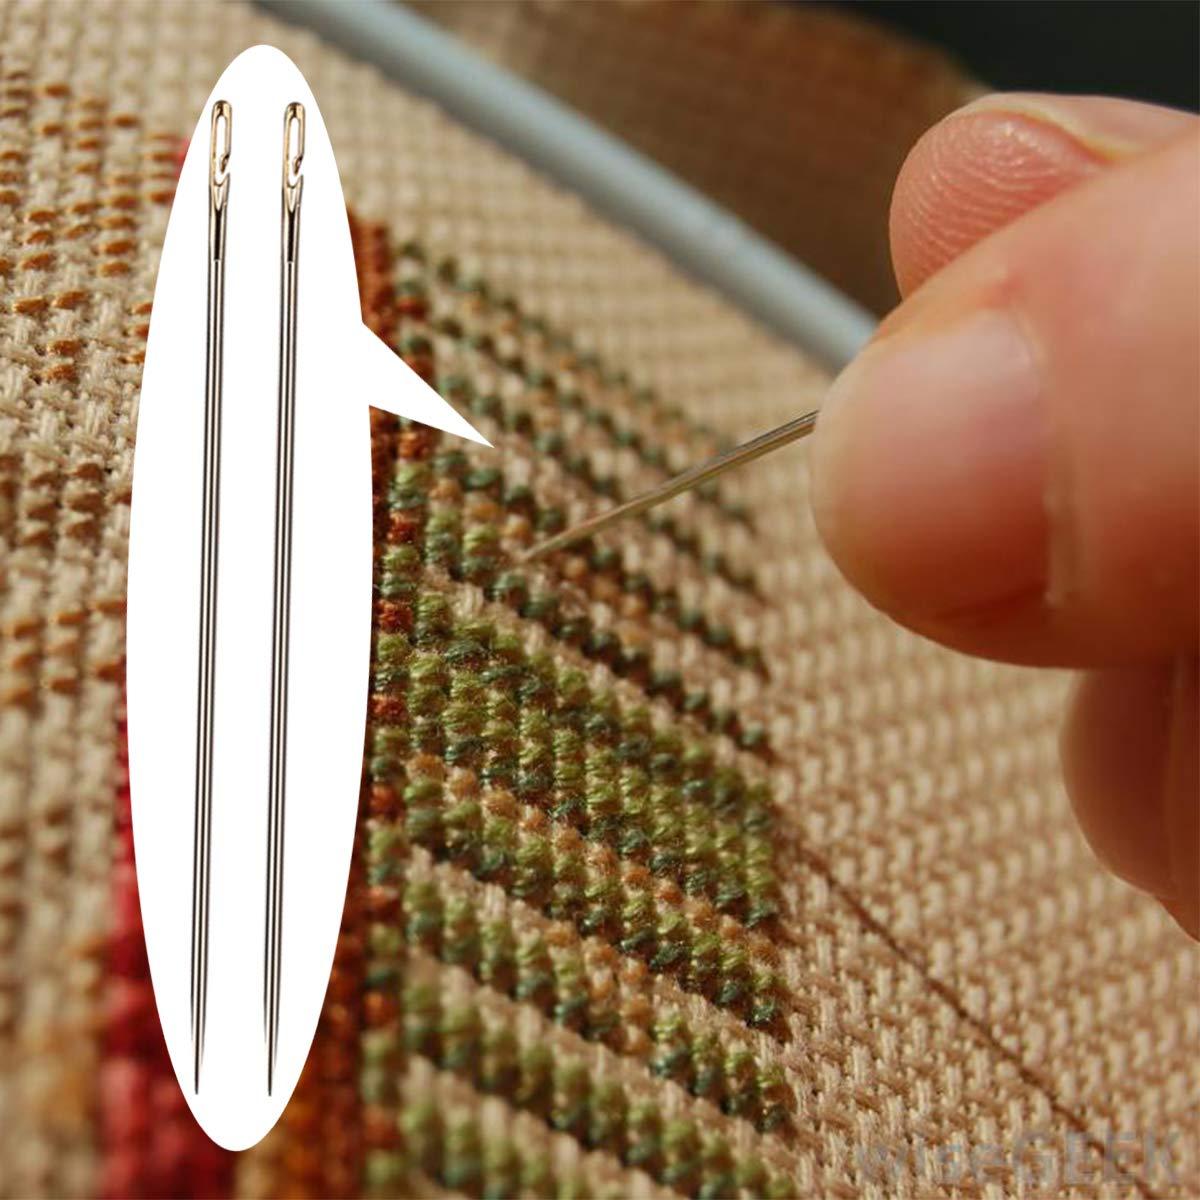 Agujas de coser a mano 12 piezas de agujas de costura de apertura lateral de acero inoxidable para coser a mano